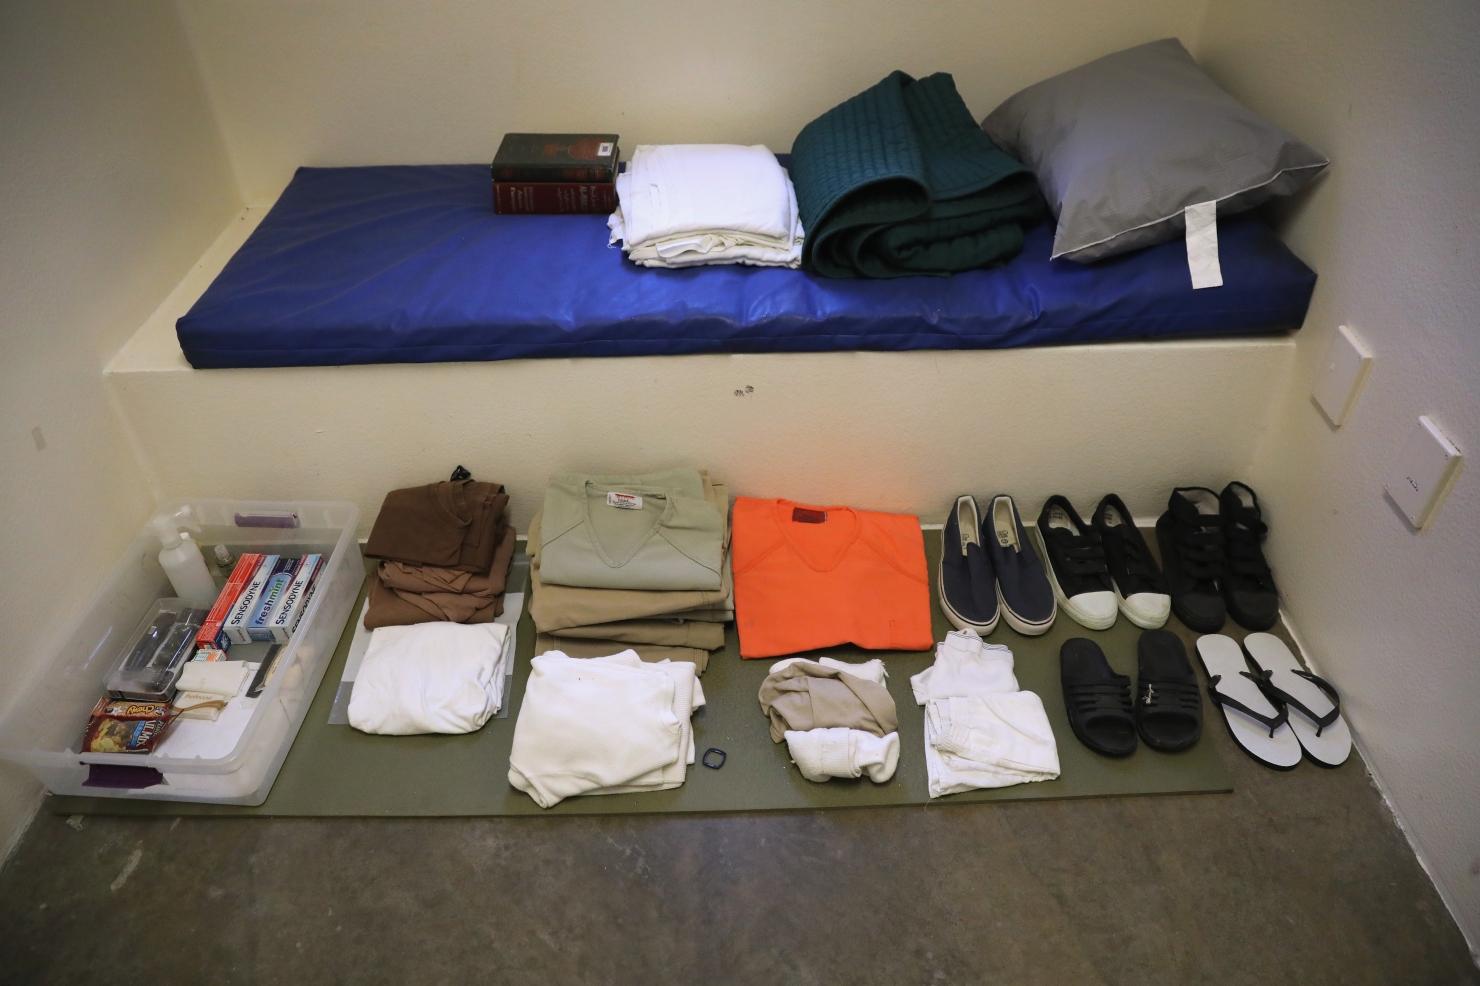 Închisoarea Guantanamo